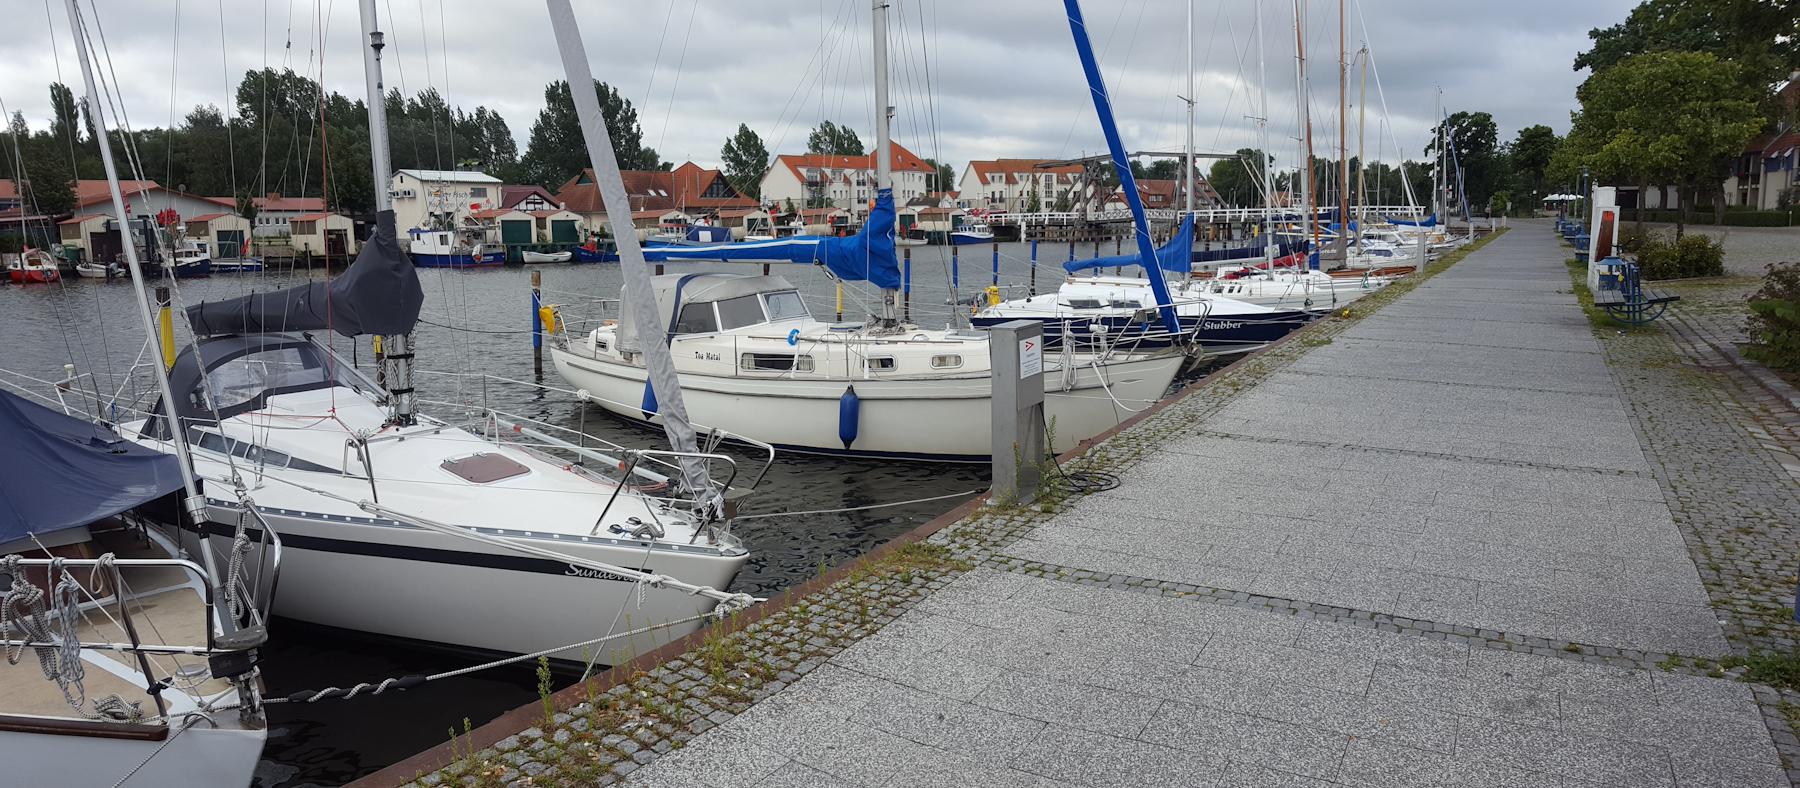 Hafen mit Klappbrücke in Greifswald-Wieck